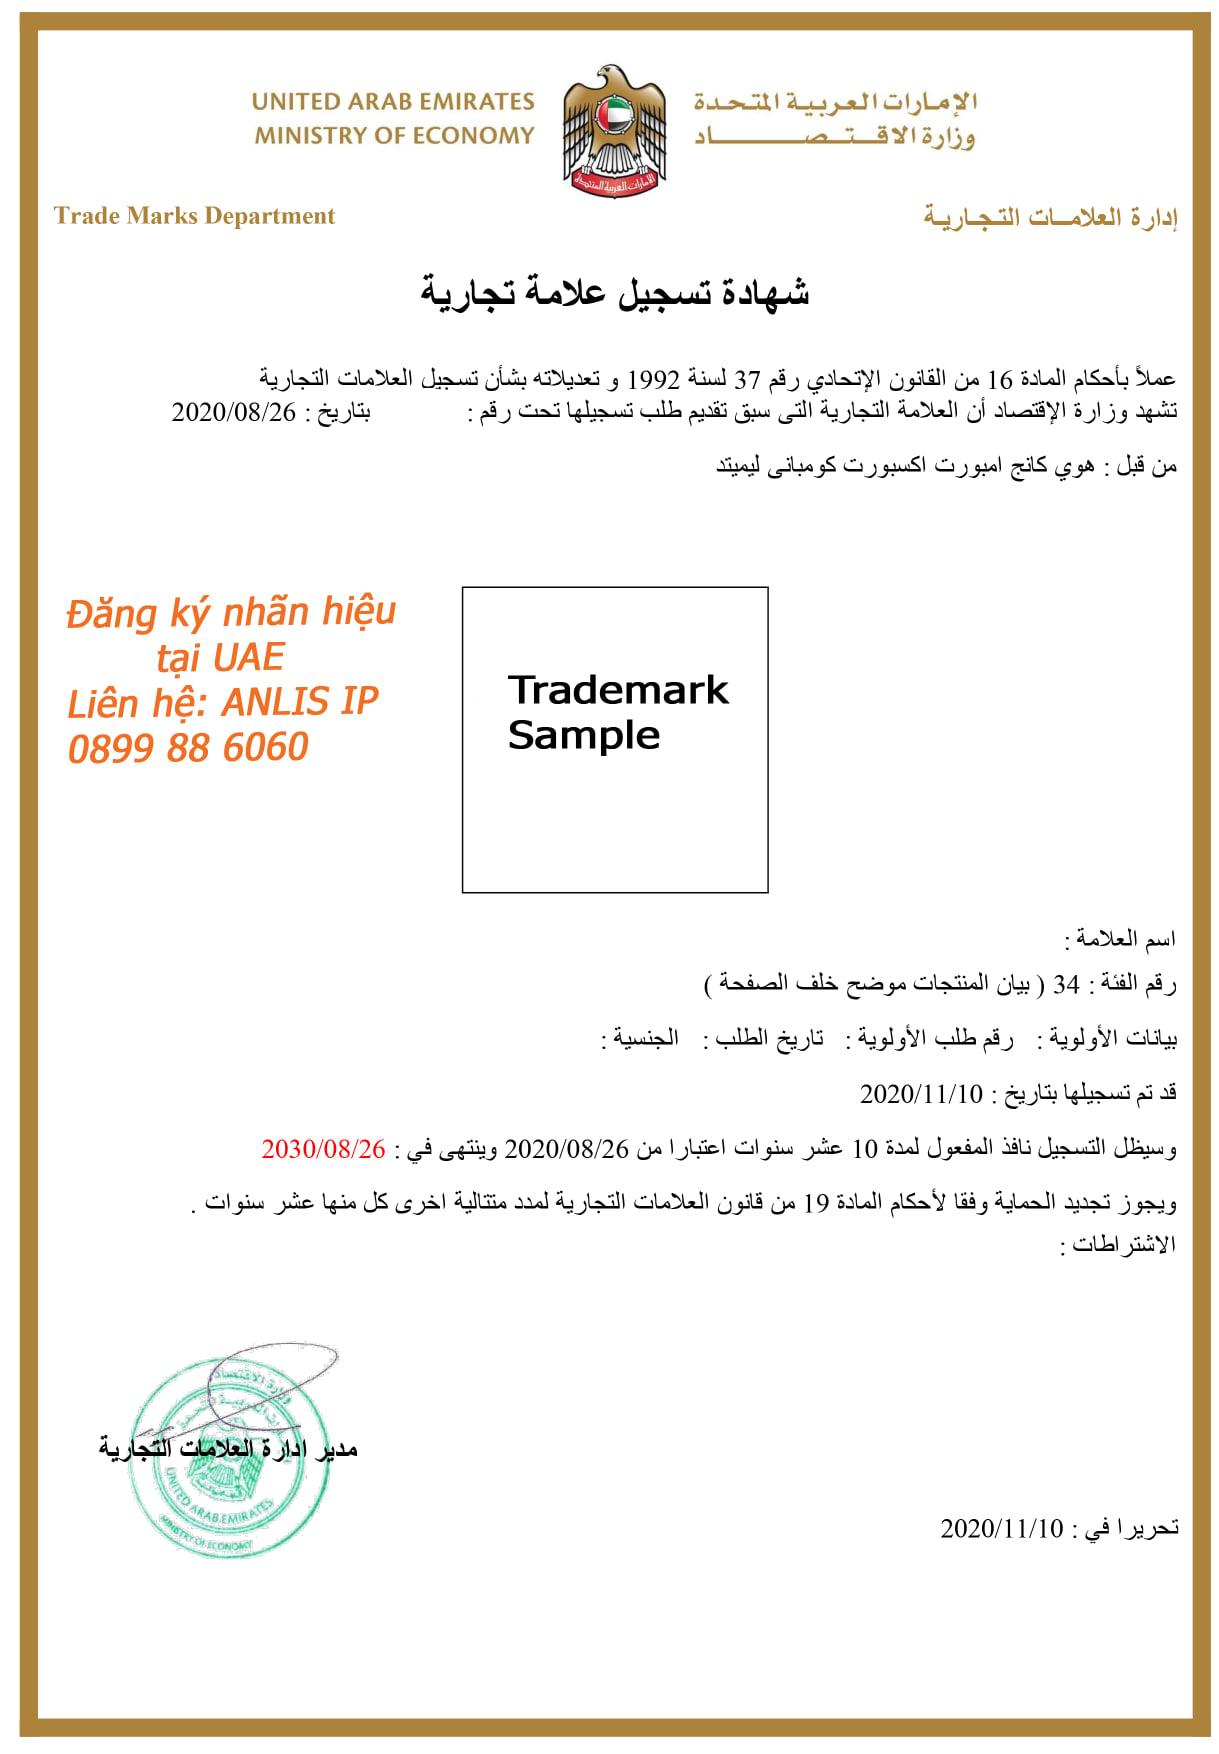 Mẫu Giấy chứng nhận đăng ký nhãn hiệu ở UAE